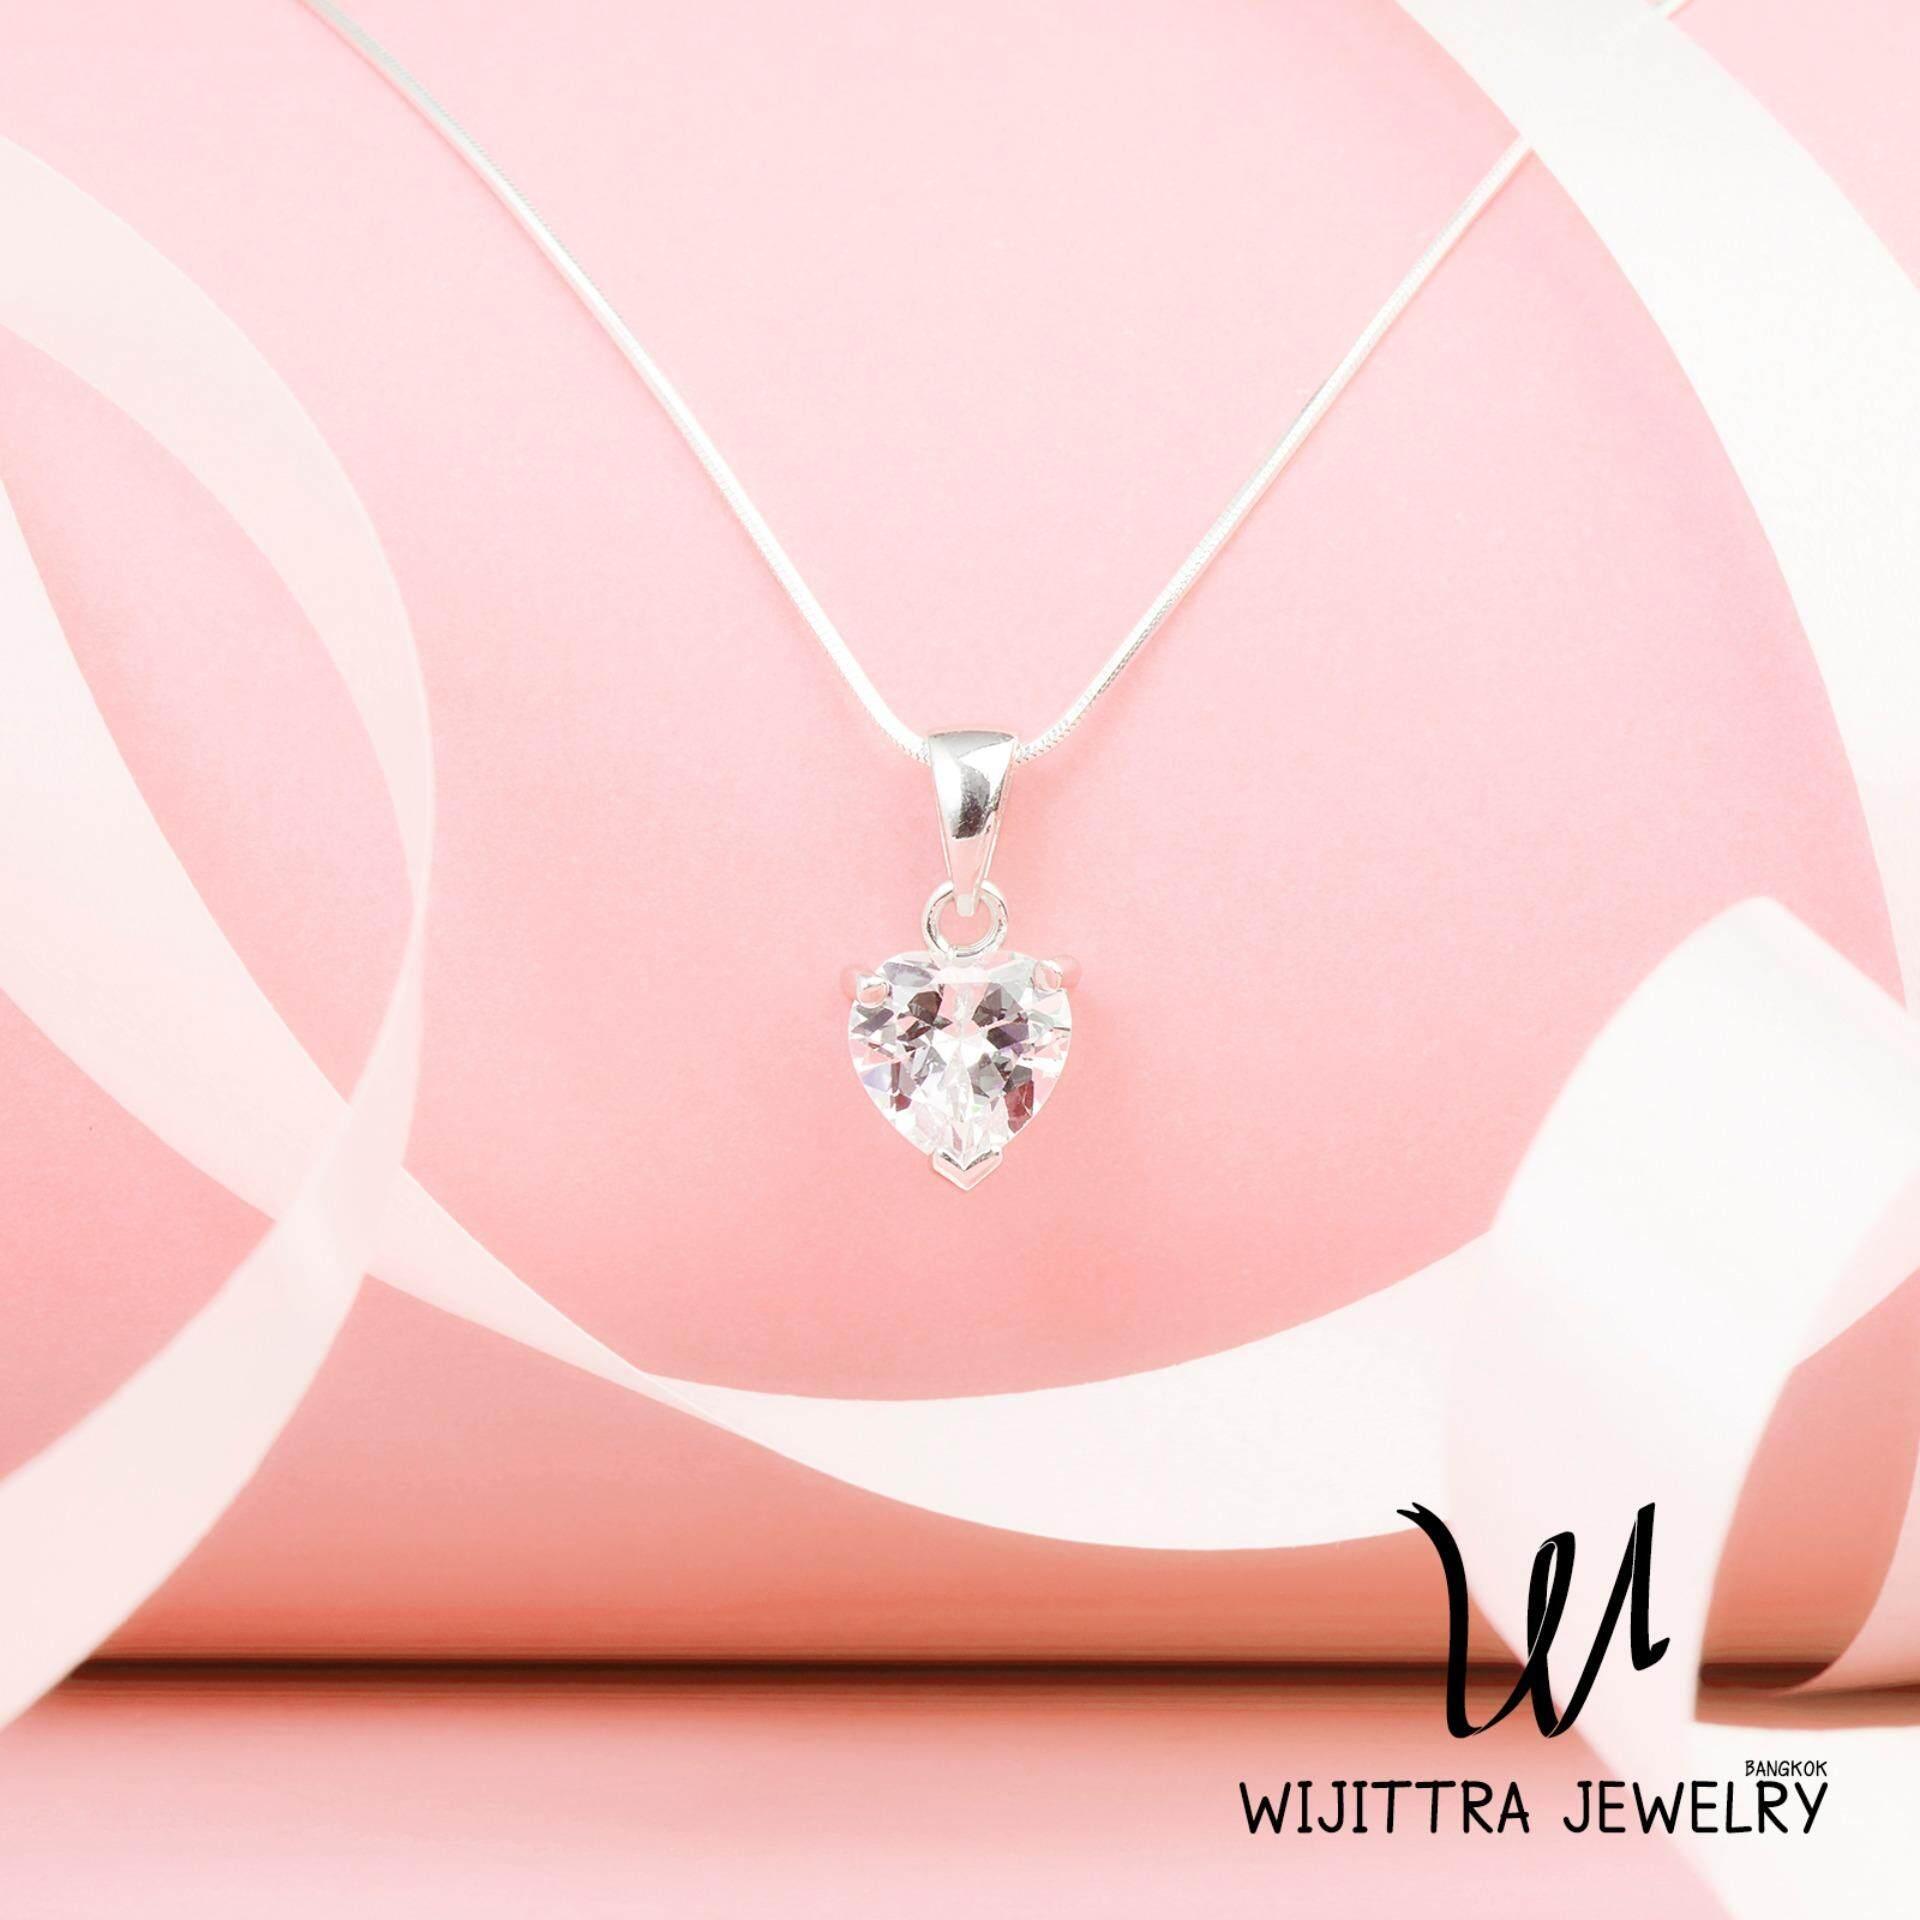 ขาย Venus Wijittra Jewelry สร้อยคอเงินแท้ 925 จี้เพชรสวิส Cubic Zirconia ชุบด้วยโรเดียม พร้อมกล่องเครื่องประดับ High End Octagonal Snake ปรับสายได้ 16 18 นิ้ว ใน กรุงเทพมหานคร